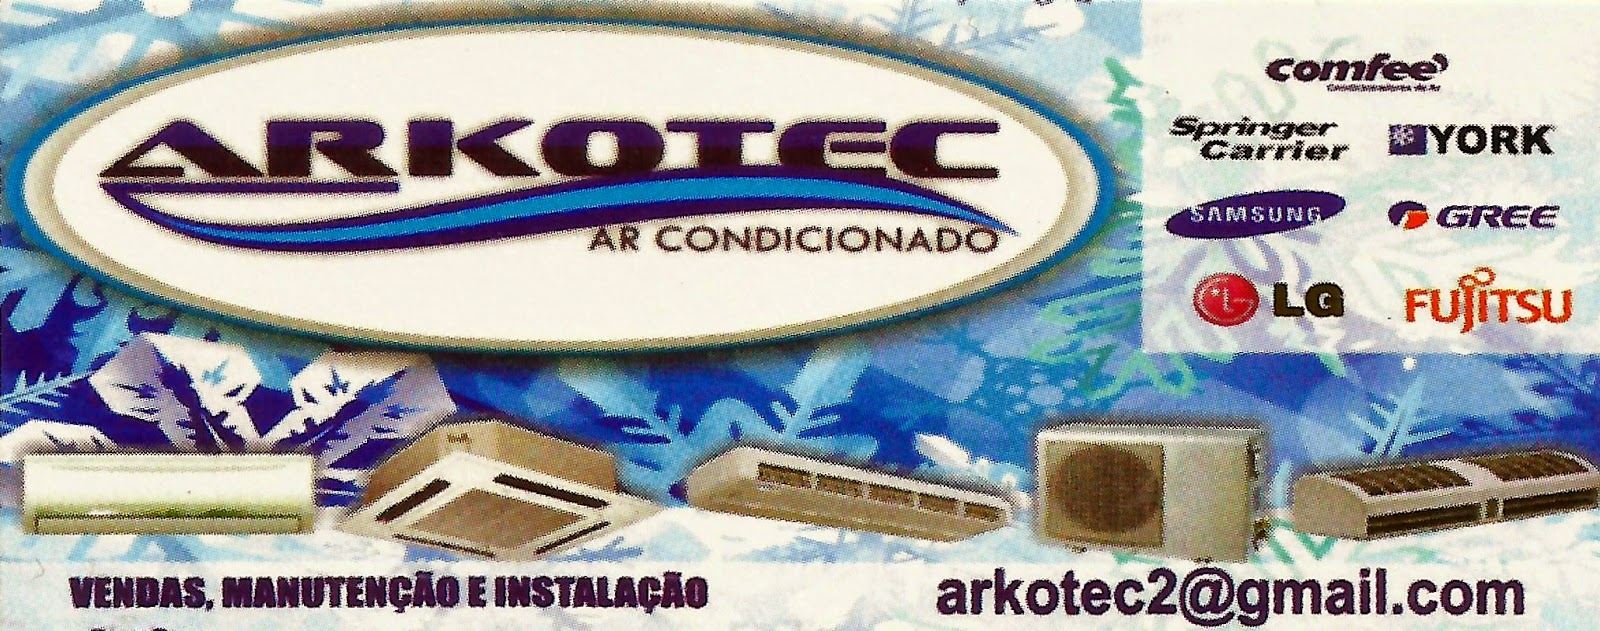 ARKOTEC Ar Condicionado VENDAS, MANUTENÇÃO E INSTALAÇÃO Av. Dr. Sales Gomes, 437 Centro - Tatuí - SP tel: (15) 3259-5446 / 3305-6150 e-mail: arhotec2@gmail.com